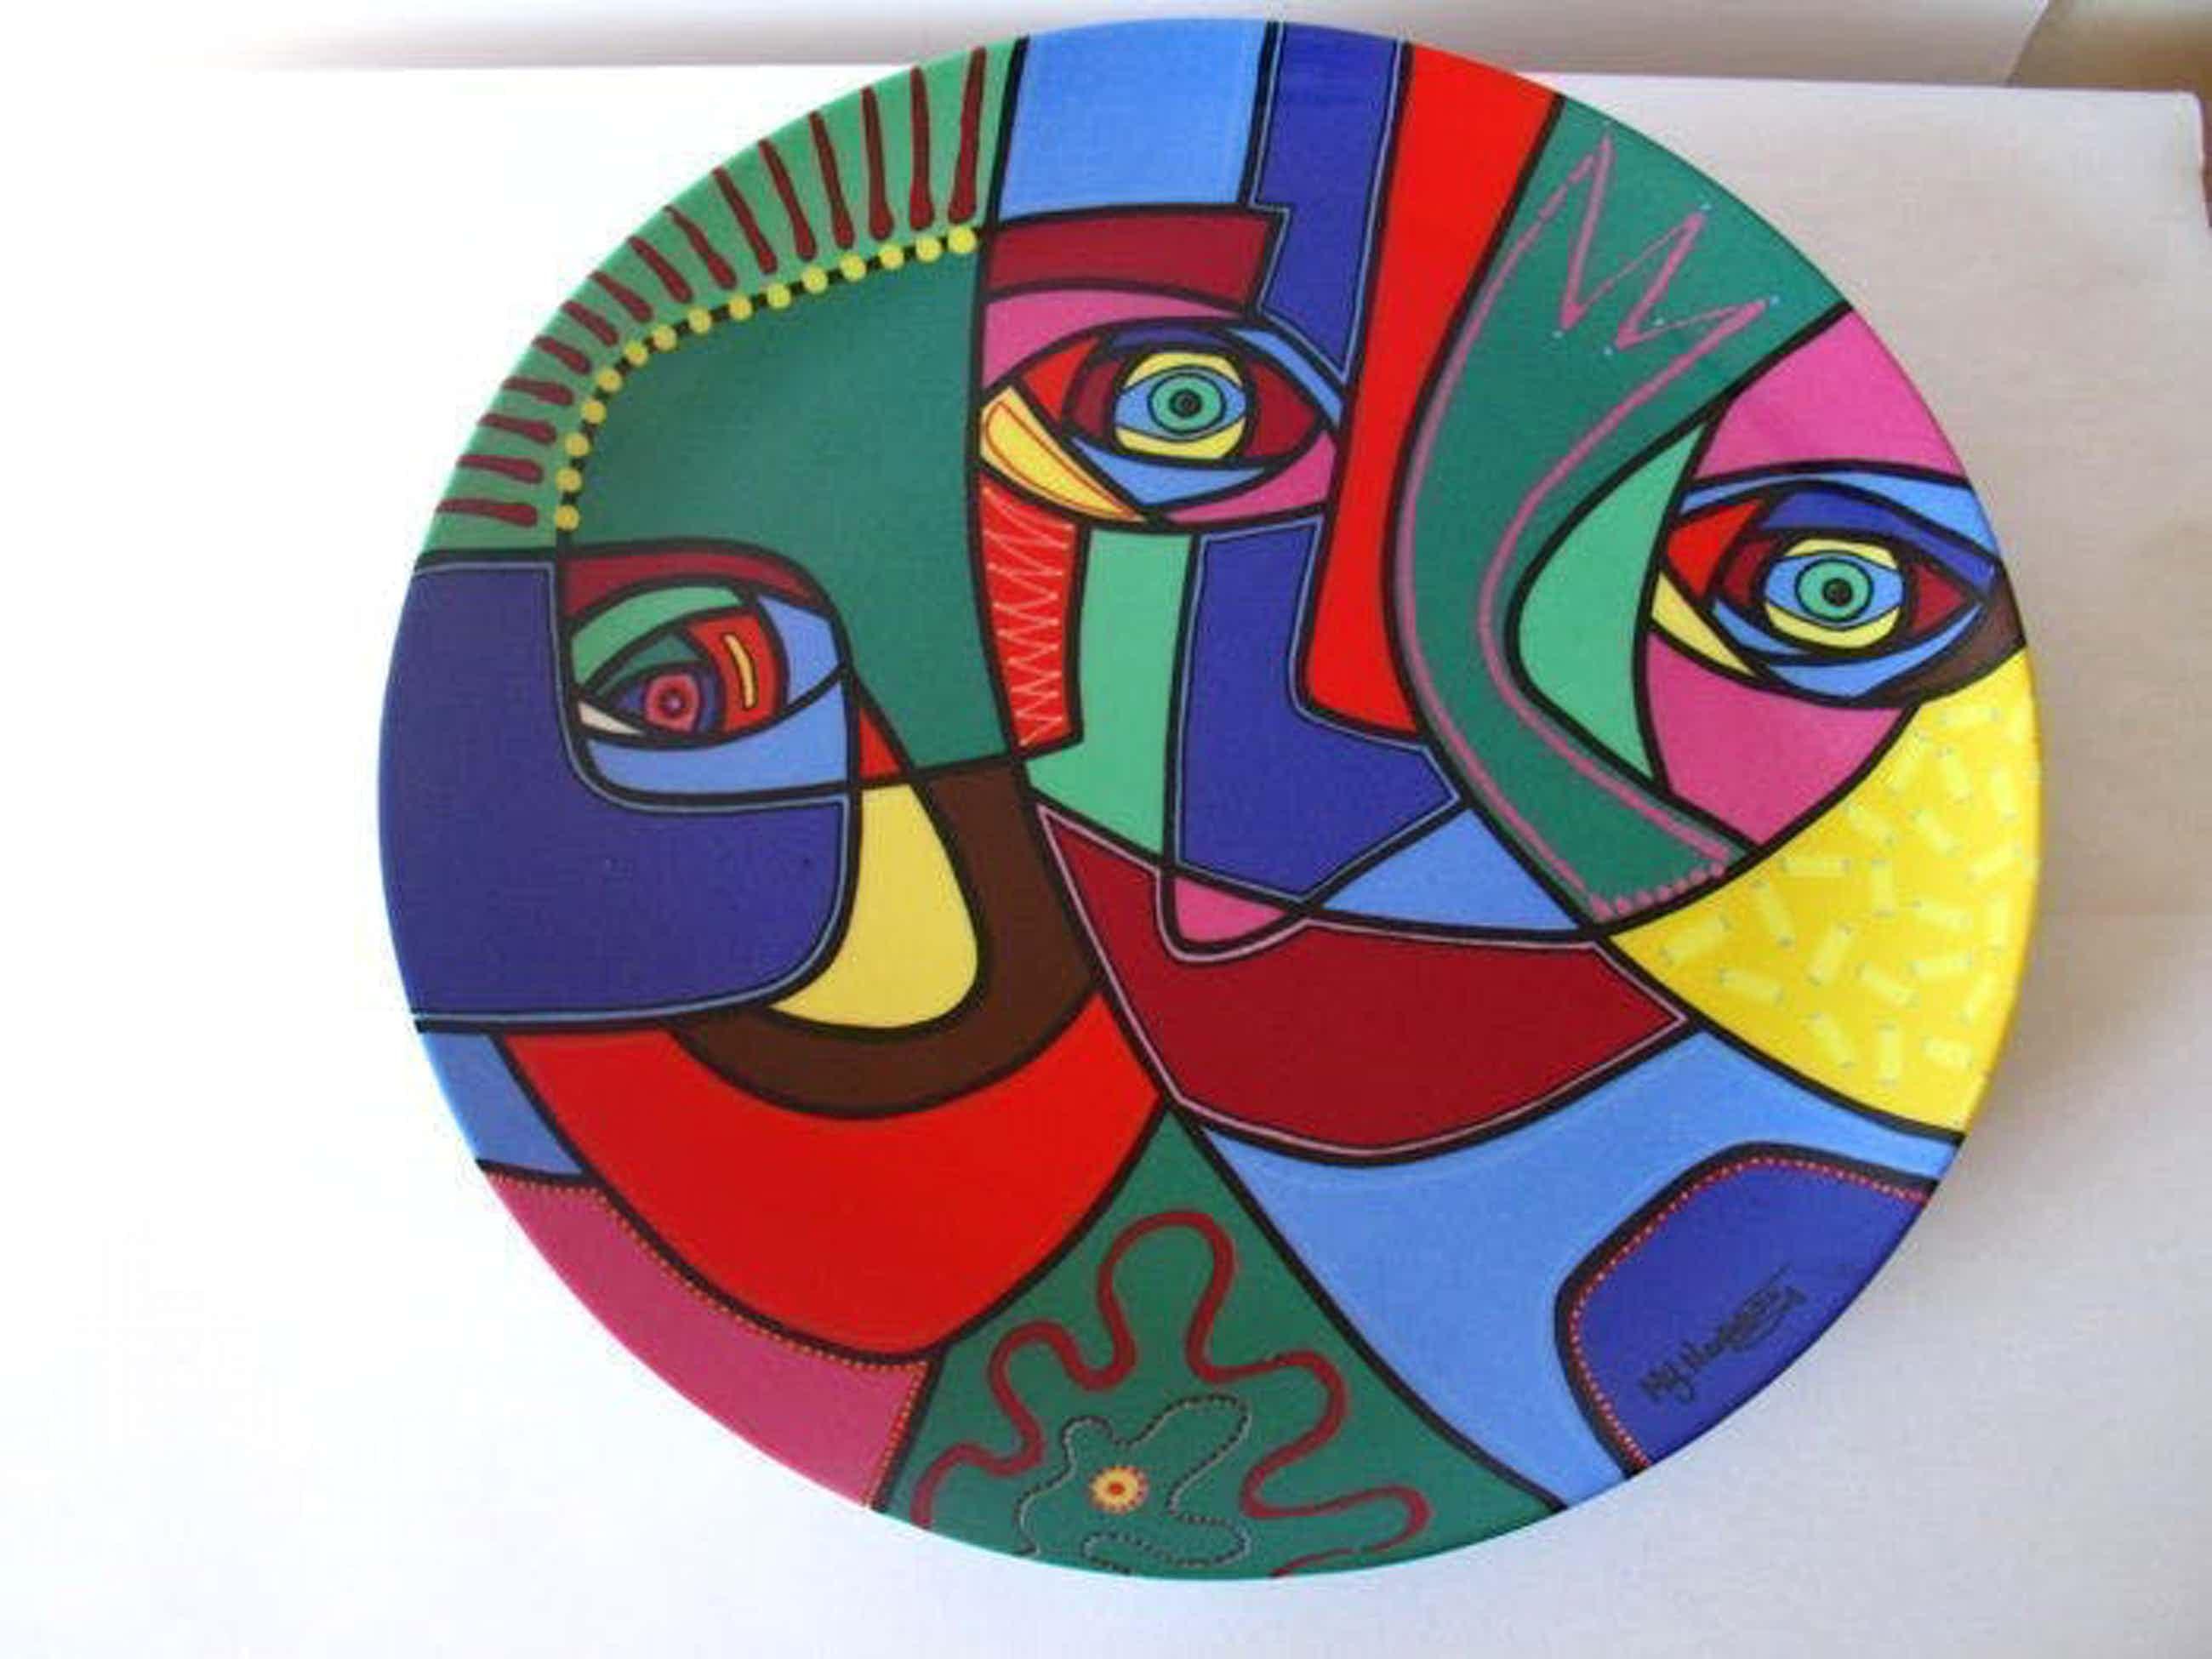 Marianne Naerebout - KERAMIEK SCHAAL ,,HAPPY SPIRIT,, uit 2007 SLECHTS 8EX kopen? Bied vanaf 45!